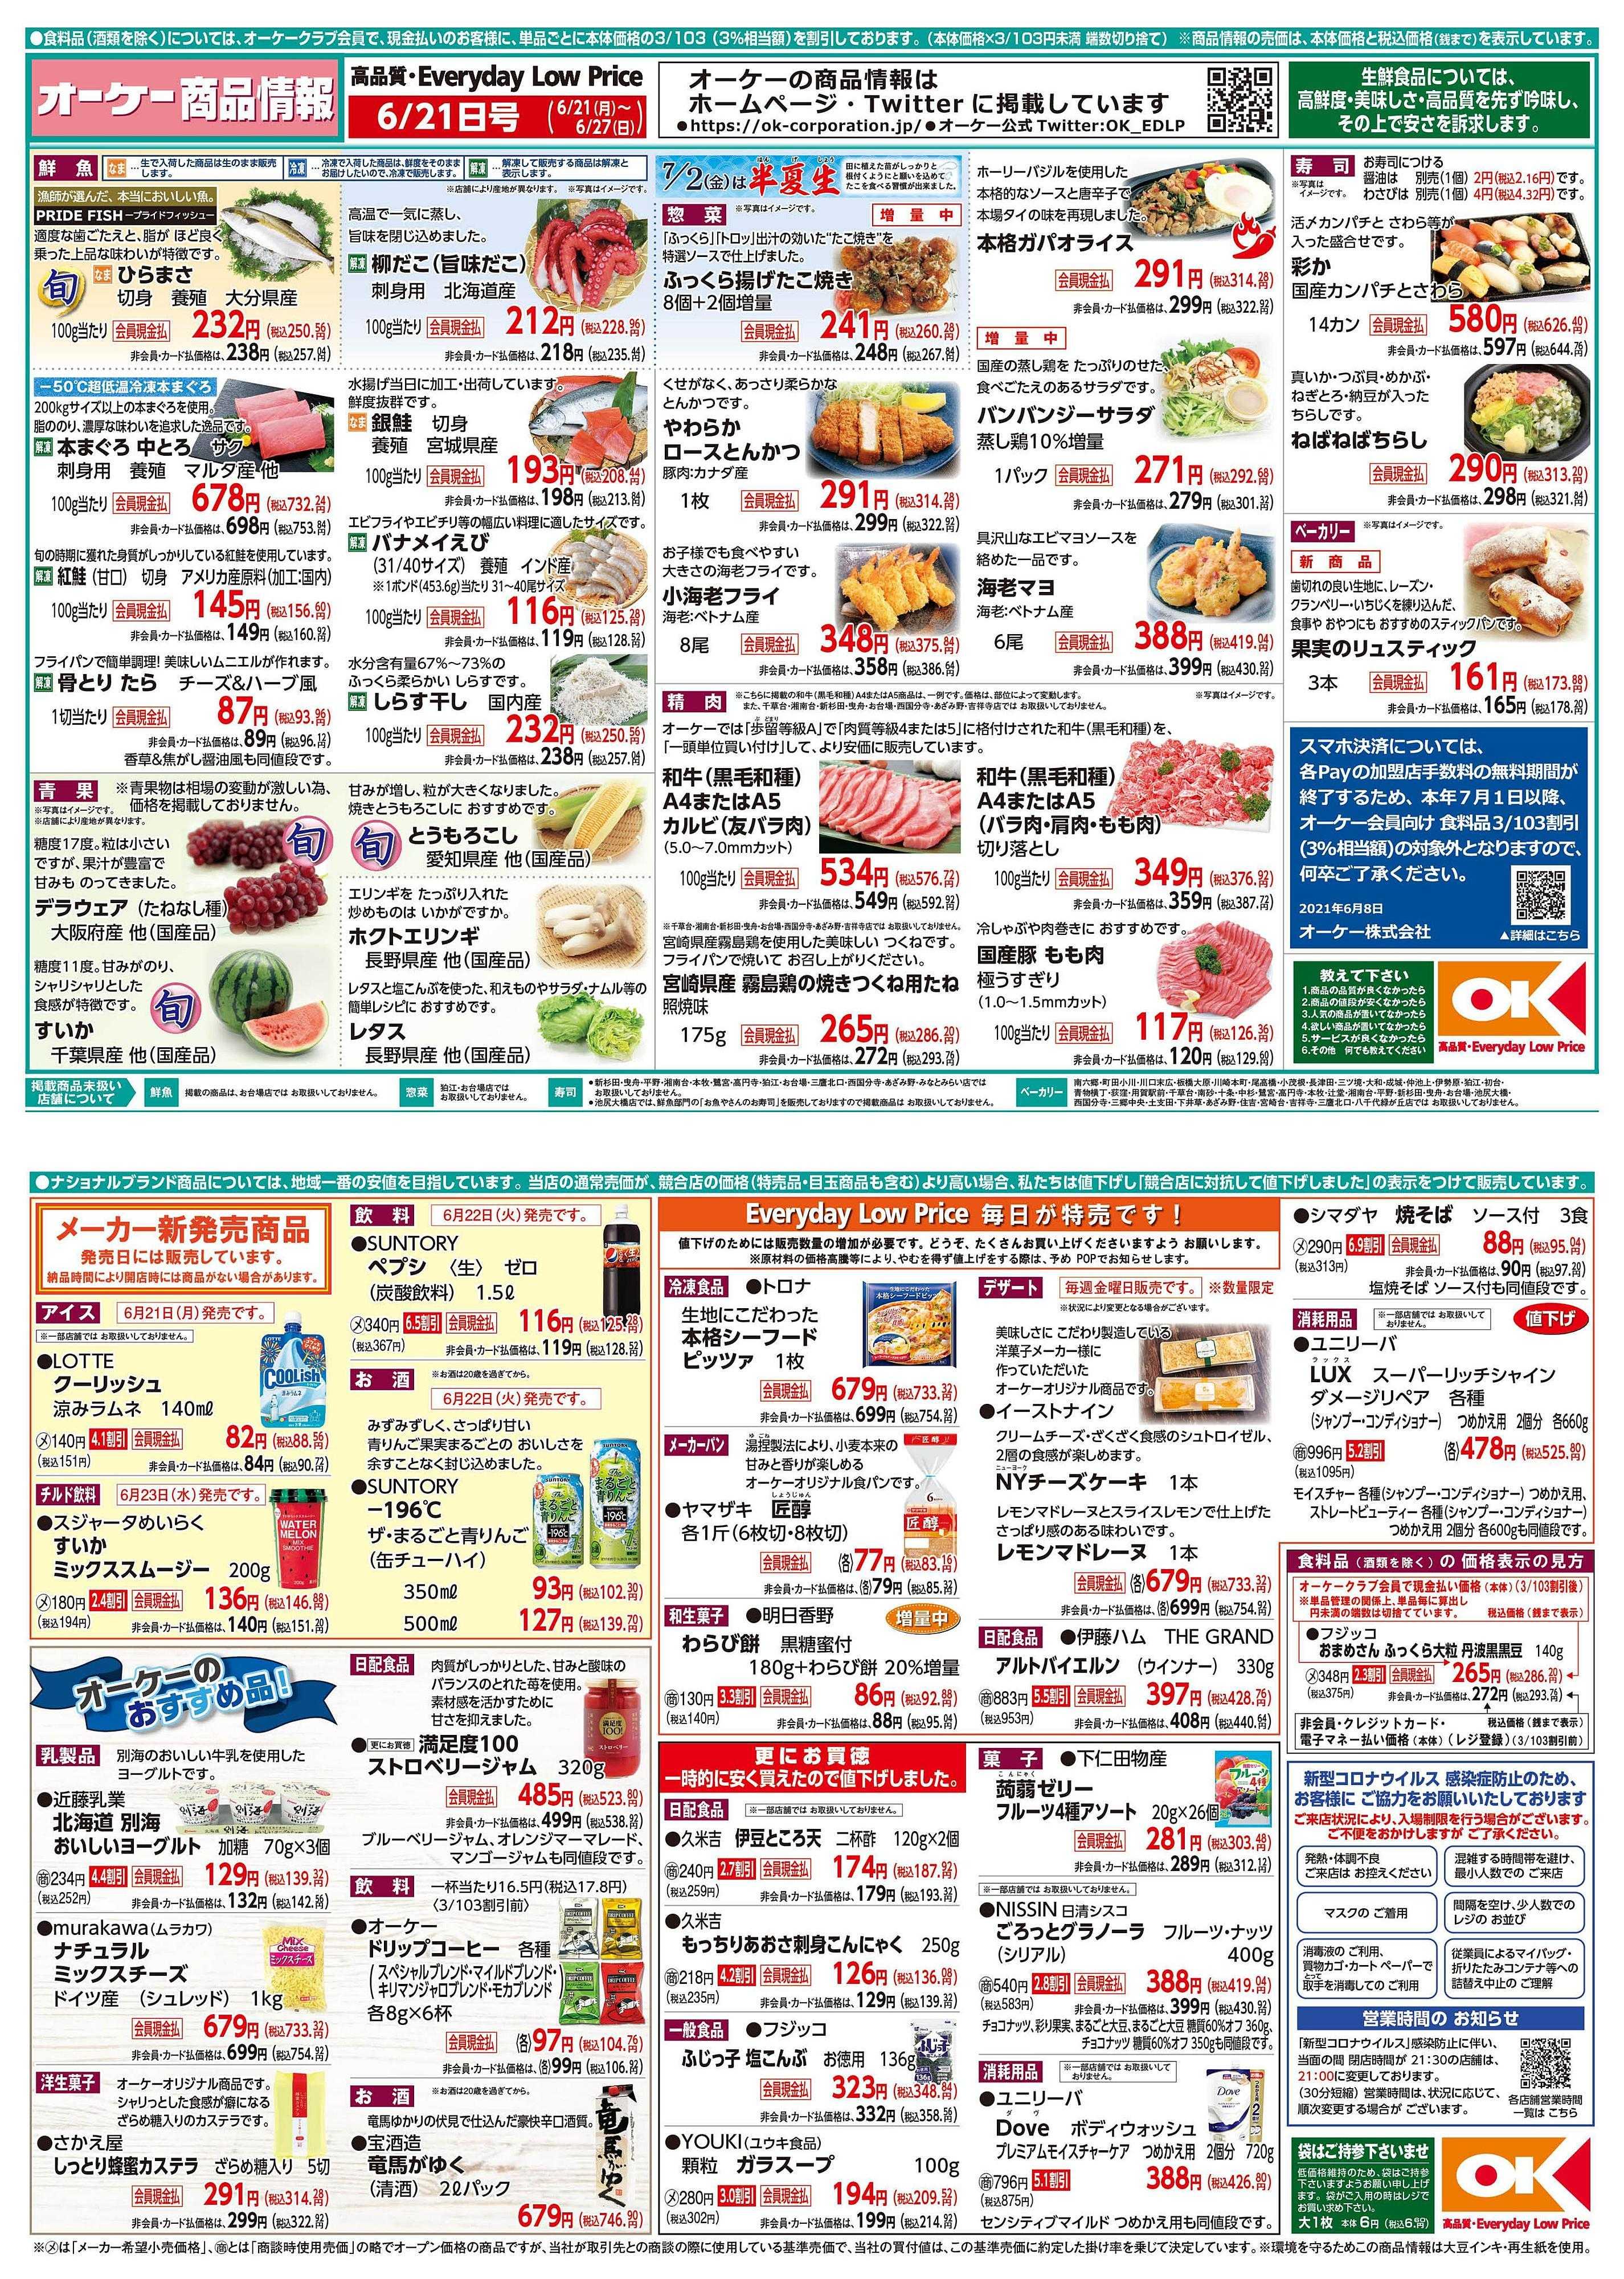 オーケー 商品情報紙6月21日号